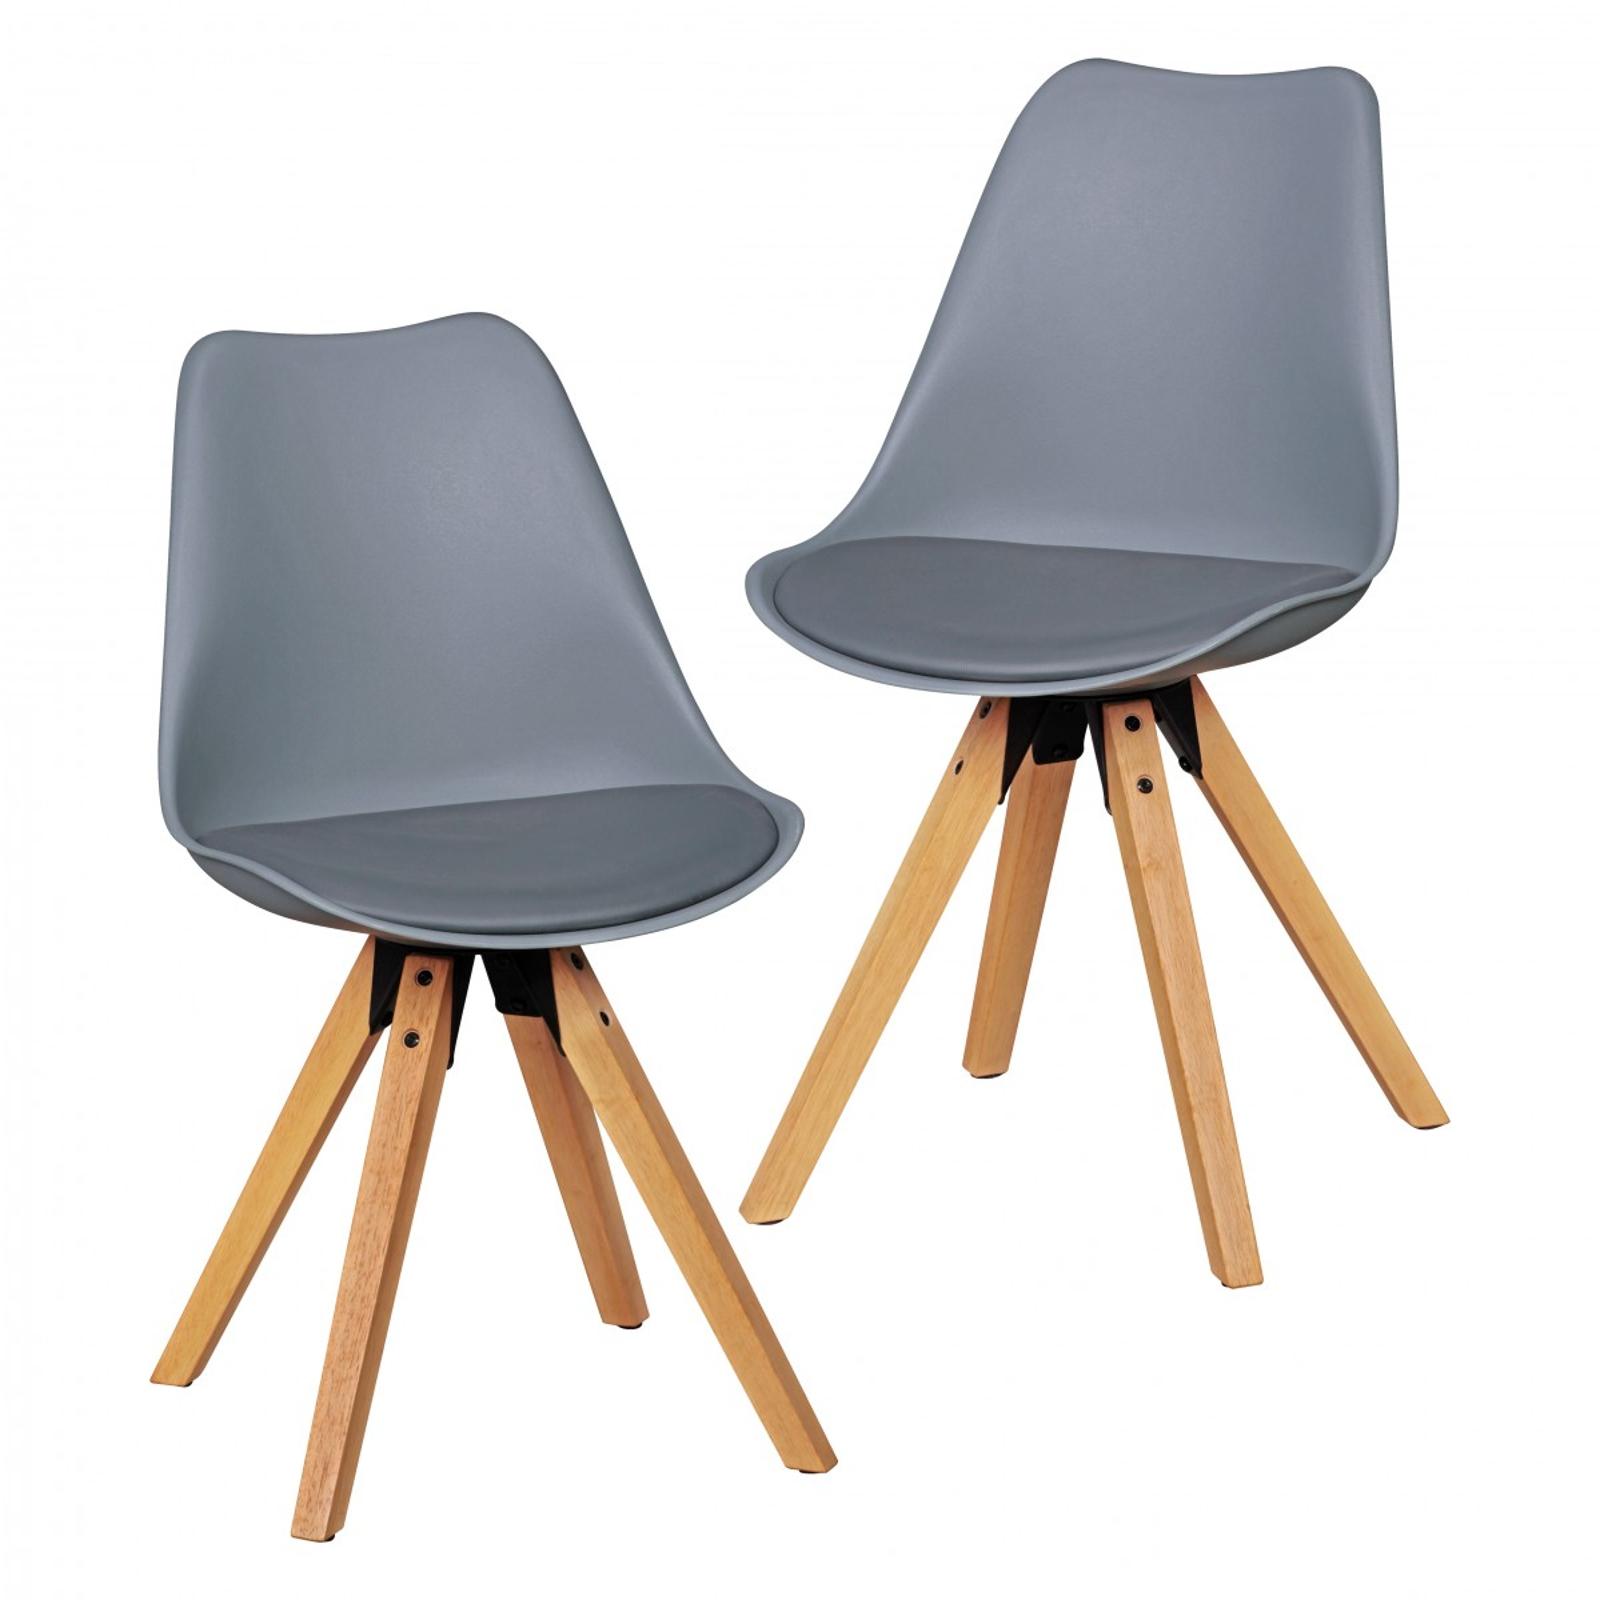 polsterstuhl set 2st ck grau gepolstert holz k chenstuhl stuhl. Black Bedroom Furniture Sets. Home Design Ideas